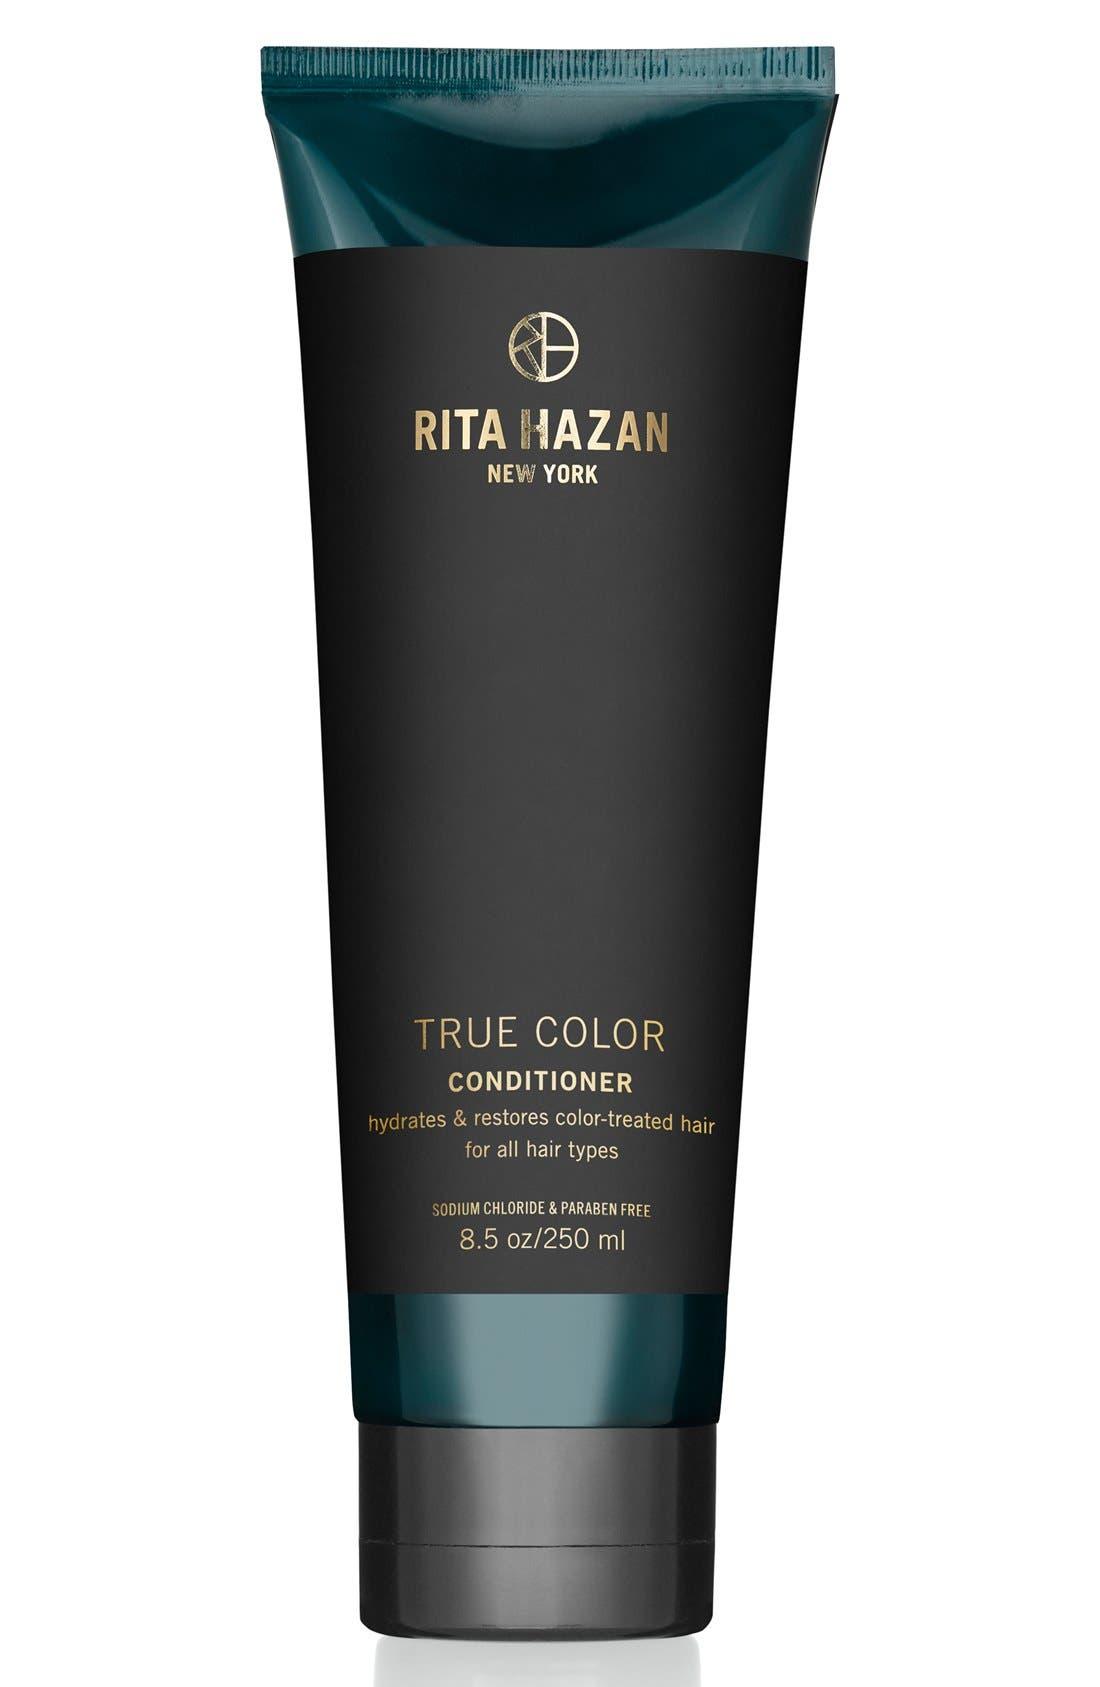 RITA HAZAN NEW YORK 'True Color' Conditioner